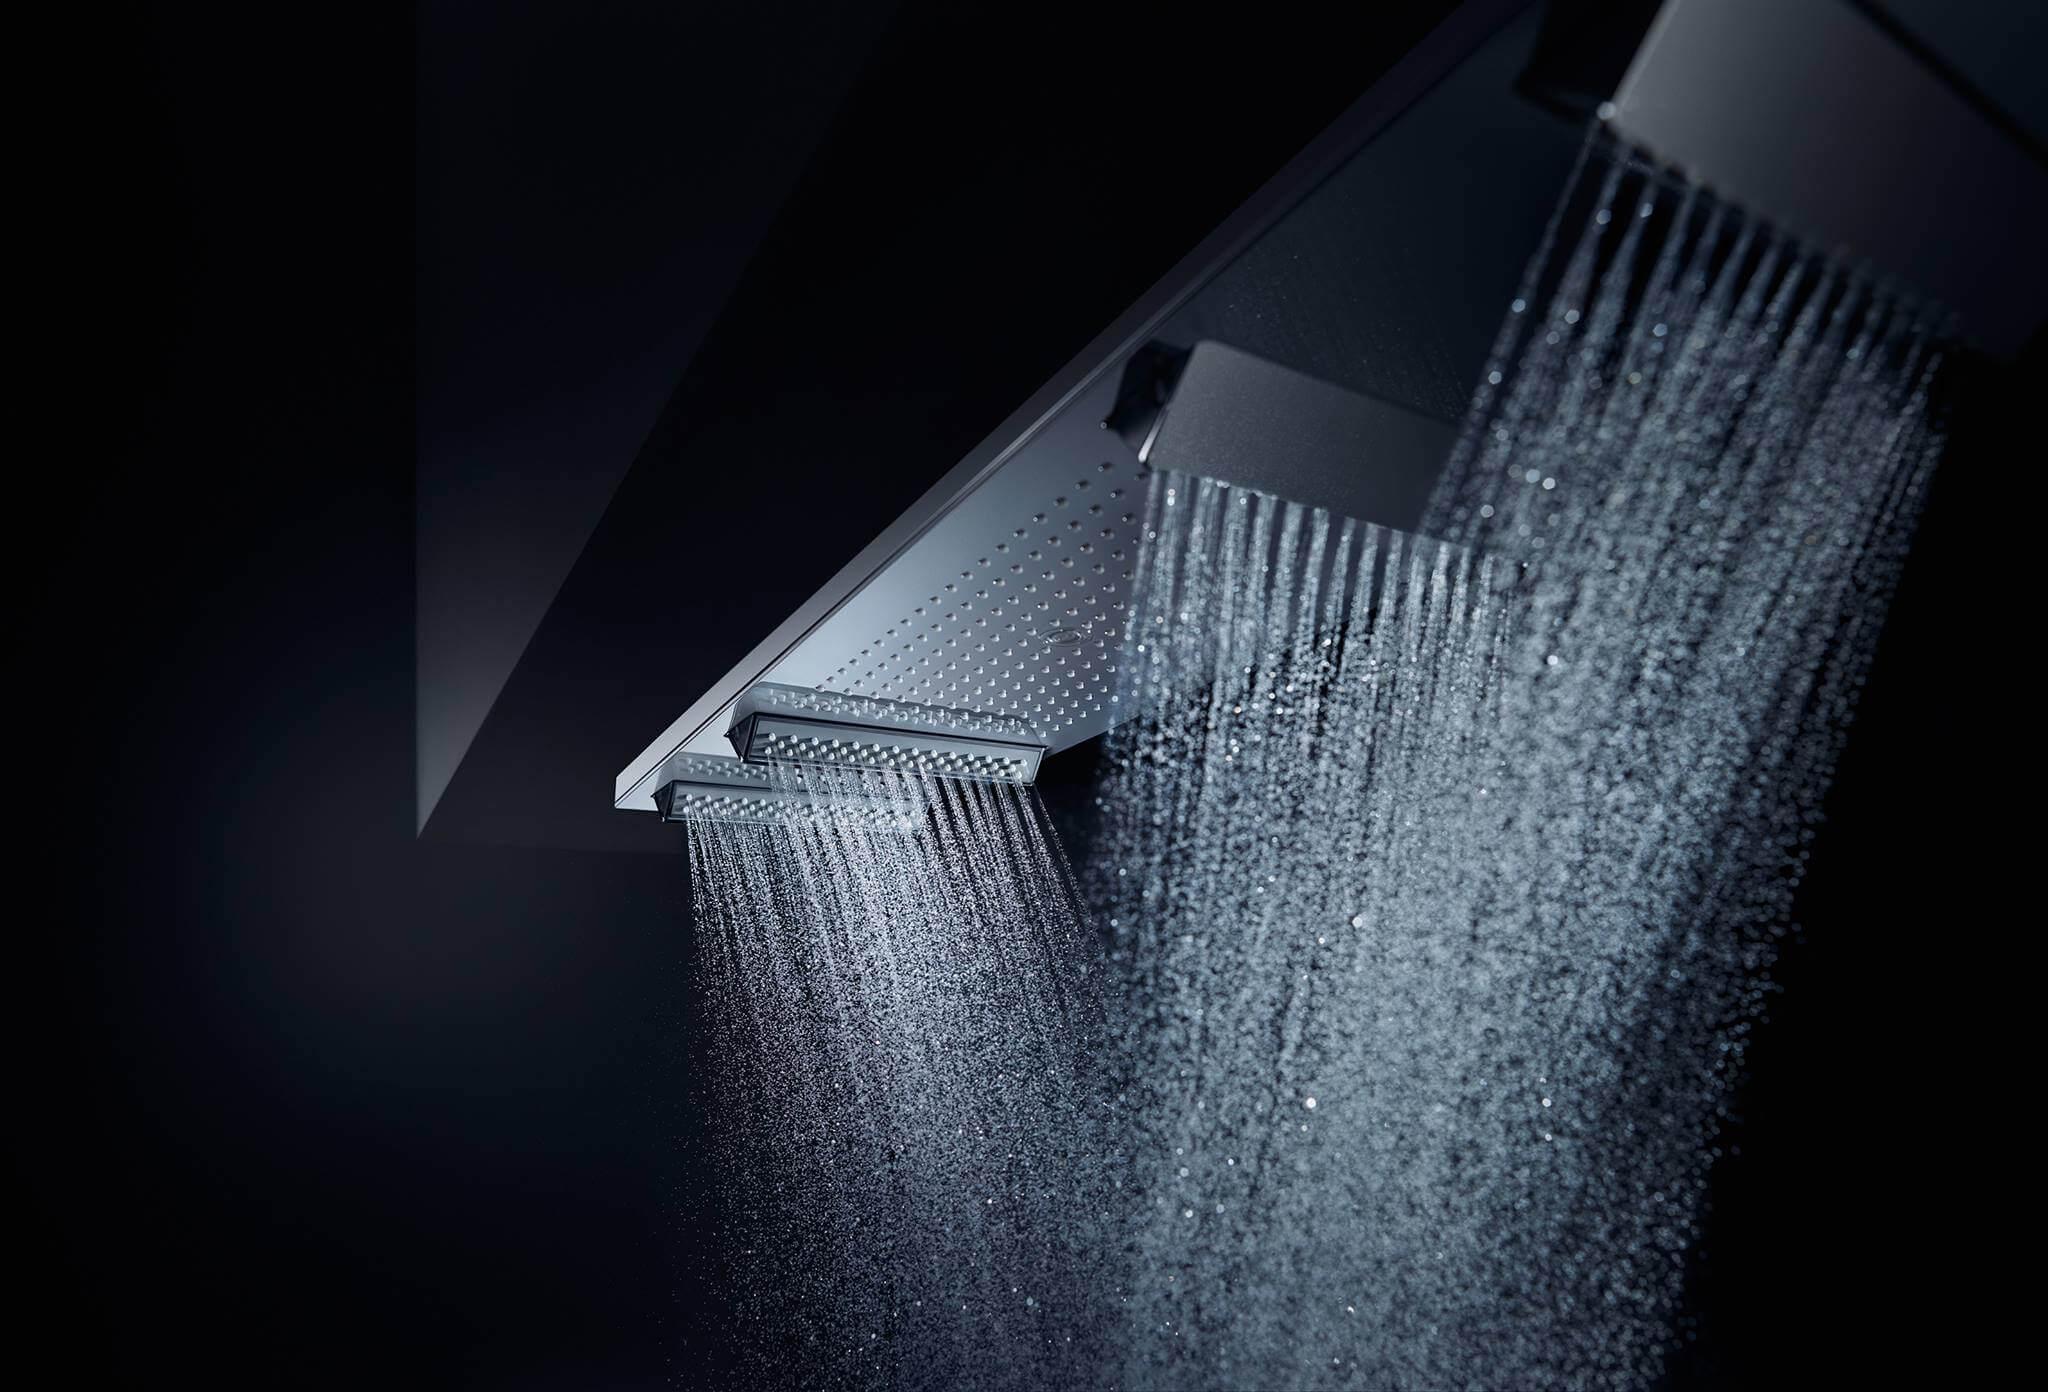 """Copyright: AXOR / Hansgrohe SE Duschen in einer neuen Dimension und mit maximaler Ausstrahlung: Der AXOR ShowerHeaven besticht durch eine 1,2 Meter lange und 30 Zentimeter breite plane, Fläche aus hochwertig verarbeitetem Metall. Mit vier herausfahrbaren """"Flügeln"""" und einem integrierten Ambiente-Licht ist er nicht nur eine große Bühne für das Wasser, sondern auch ein neuer Archetyp in der Dusche. Vier Strahlarten sorgen für ein luxuriöses Duscherlebnis: der konzentrierte Mono-Strahl in der Mitte, der großflächige Rain-Strahl und die Body-Strahlen mit dem einzigartigen PowderRain. Vom entspannenden Massagestrahl über einen wohltuenden Brauseregen, bis hin zu einem sanften Nieselregen, der AXOR ShowerHeaven 1200 ermöglicht das Duschen mit allen Brausen und Strahlarten einzeln oder im Zusammenspiel – eine gewaltige Inszenierung."""